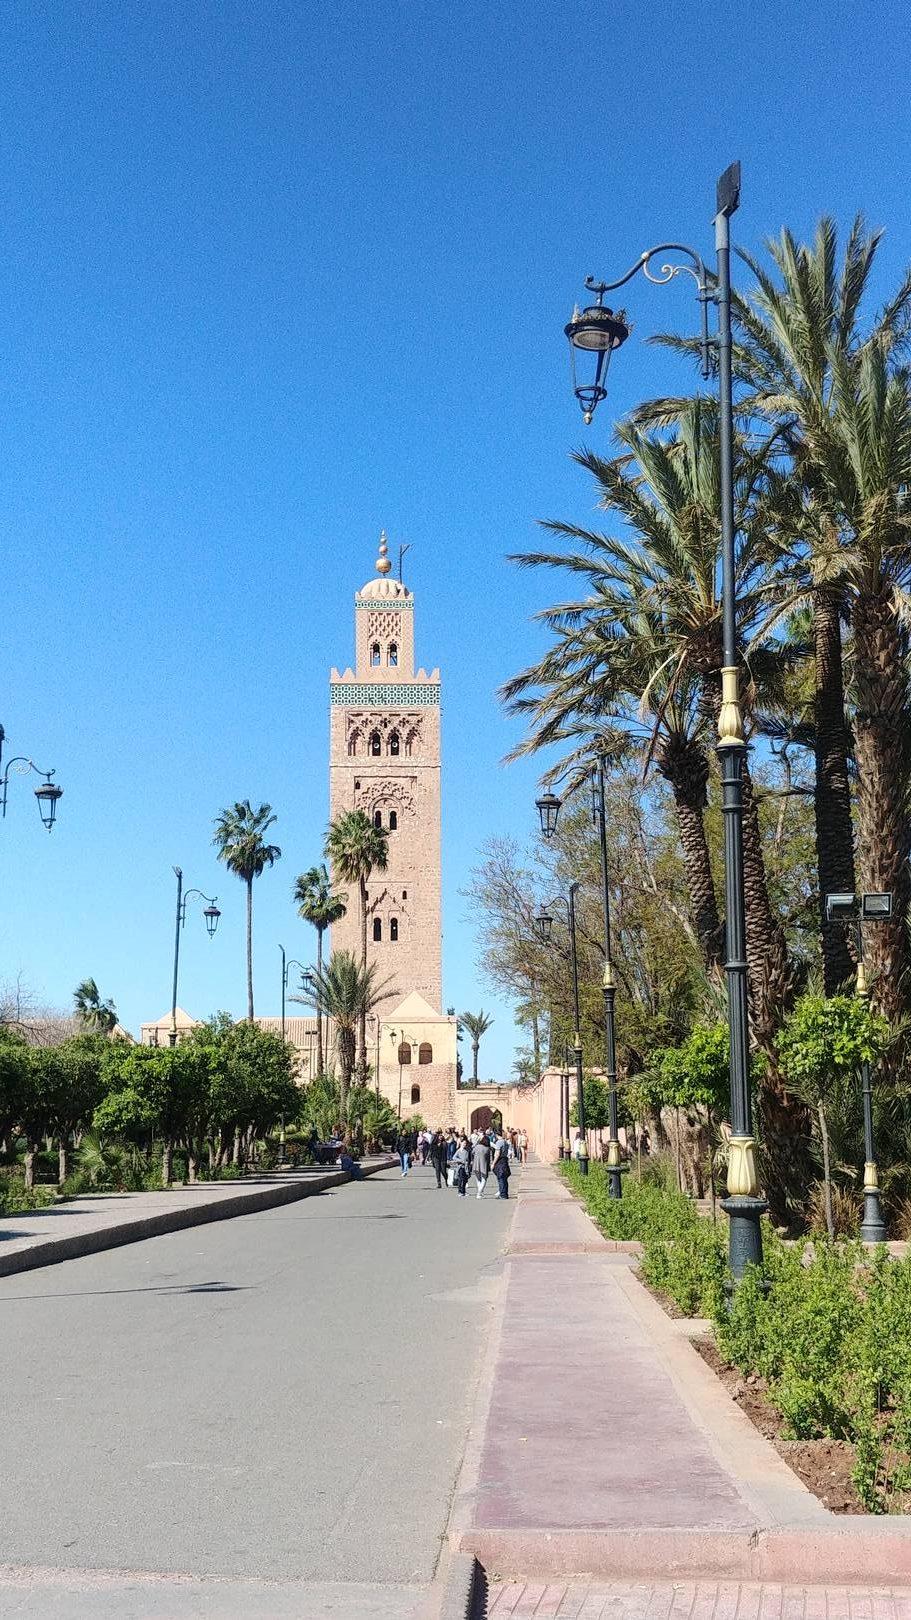 Maroc - La mosquée de la Koutoubia à Marrakech